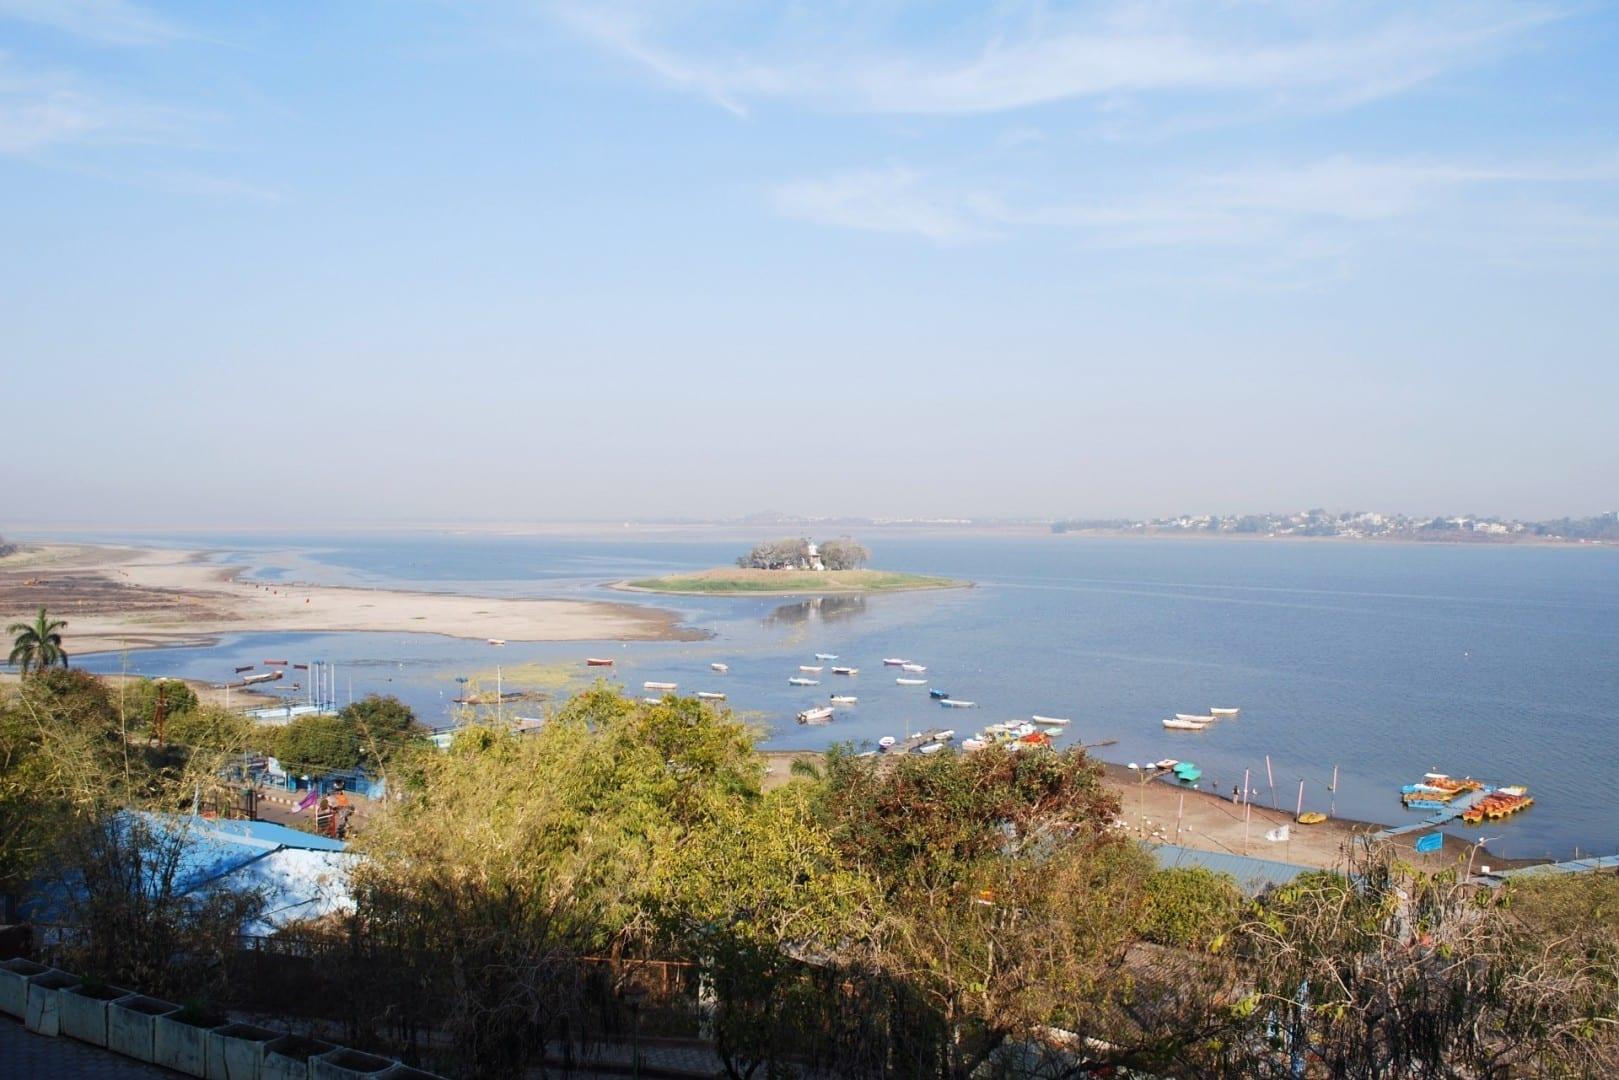 Bada Talaab Bhopal India